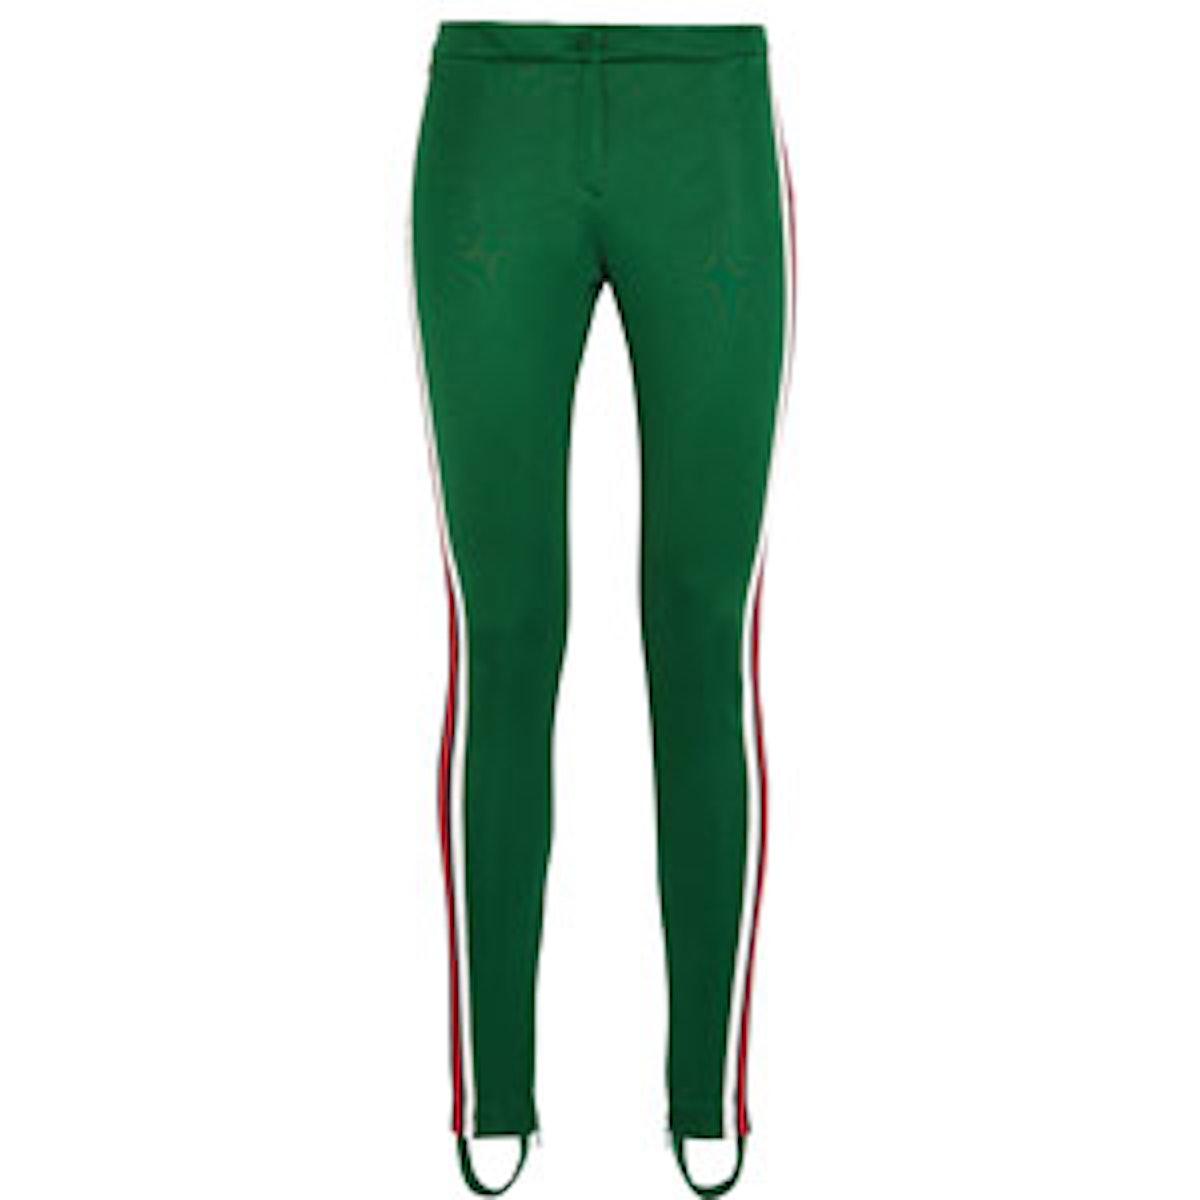 Gucci Striped Jersey Leggings